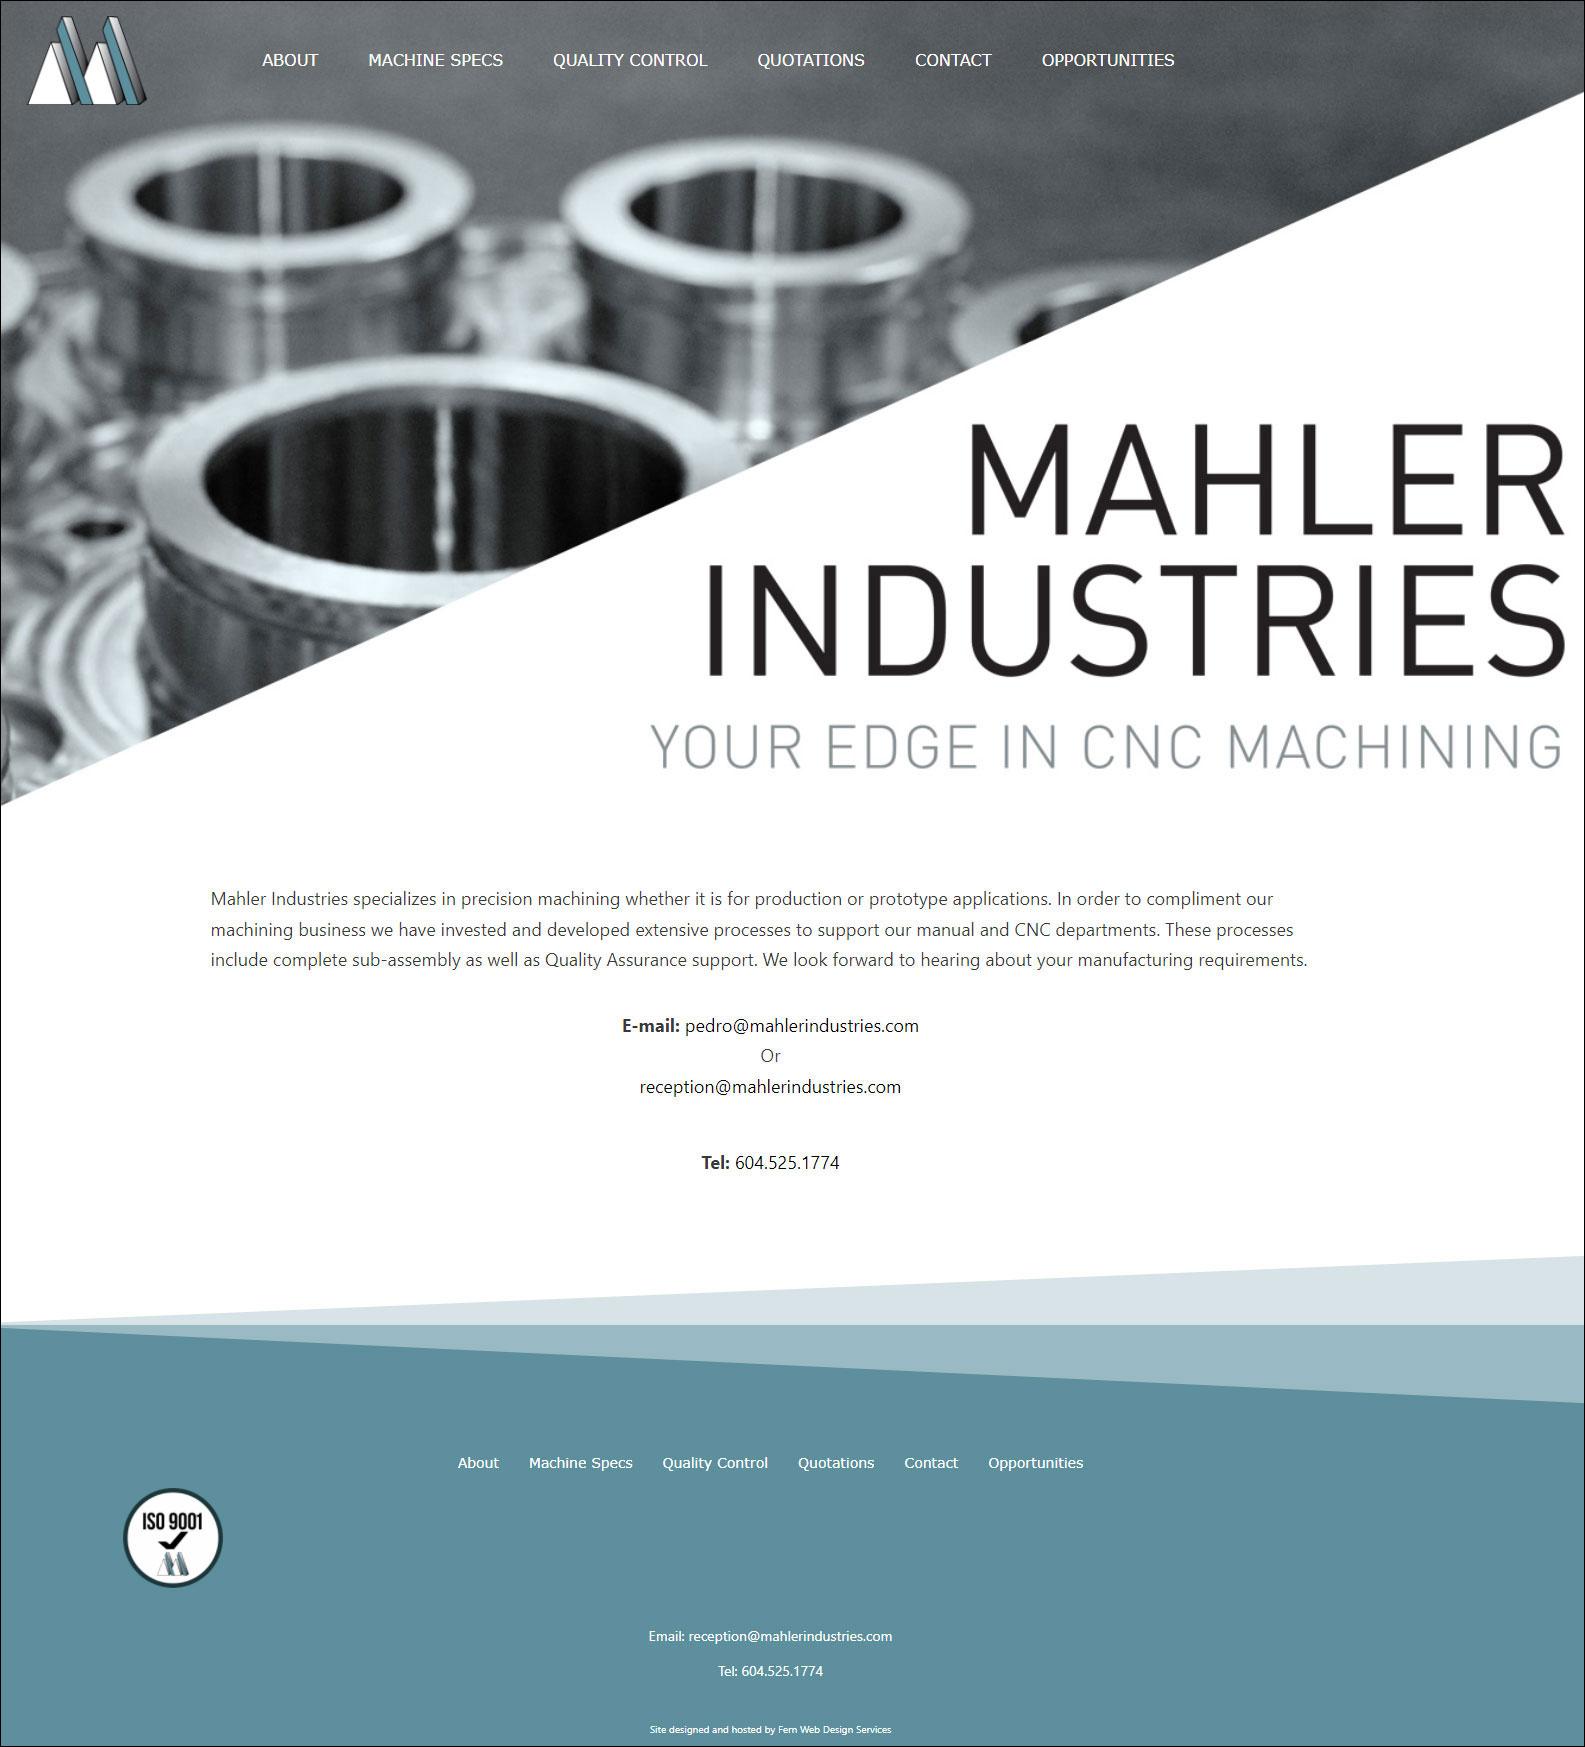 Mahler Industries